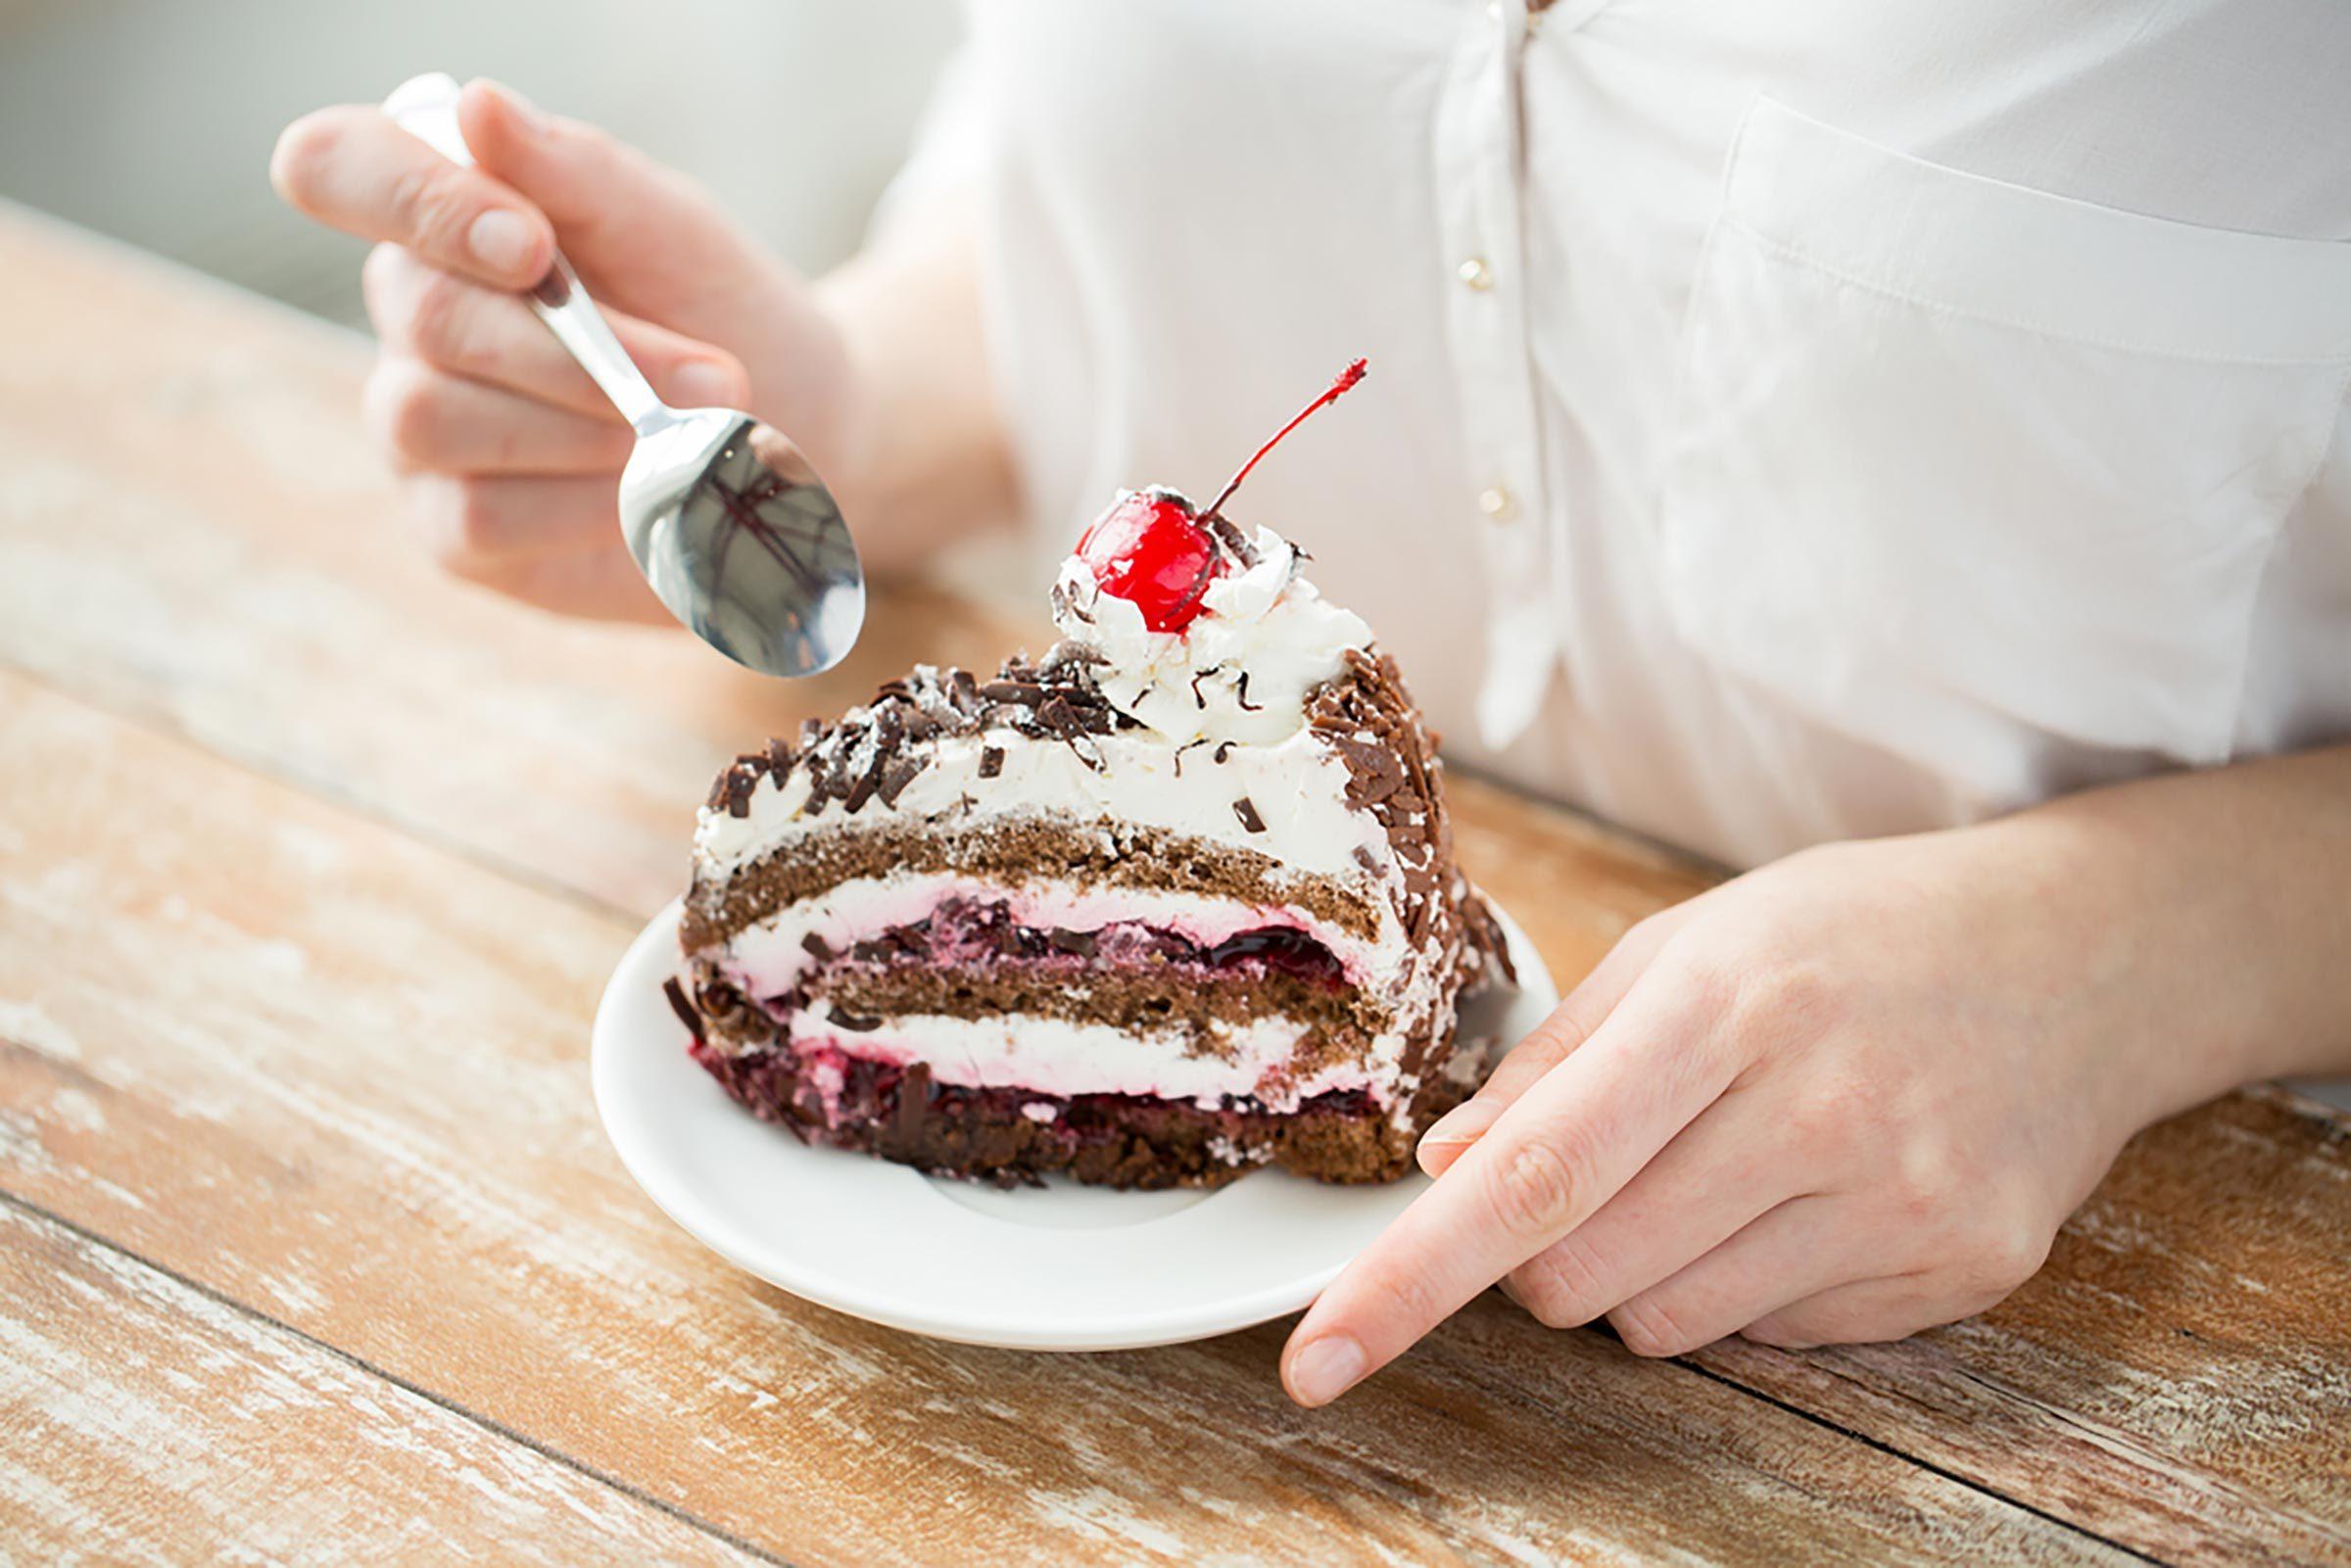 Conseil santé : ne pas manger pas ses émotions